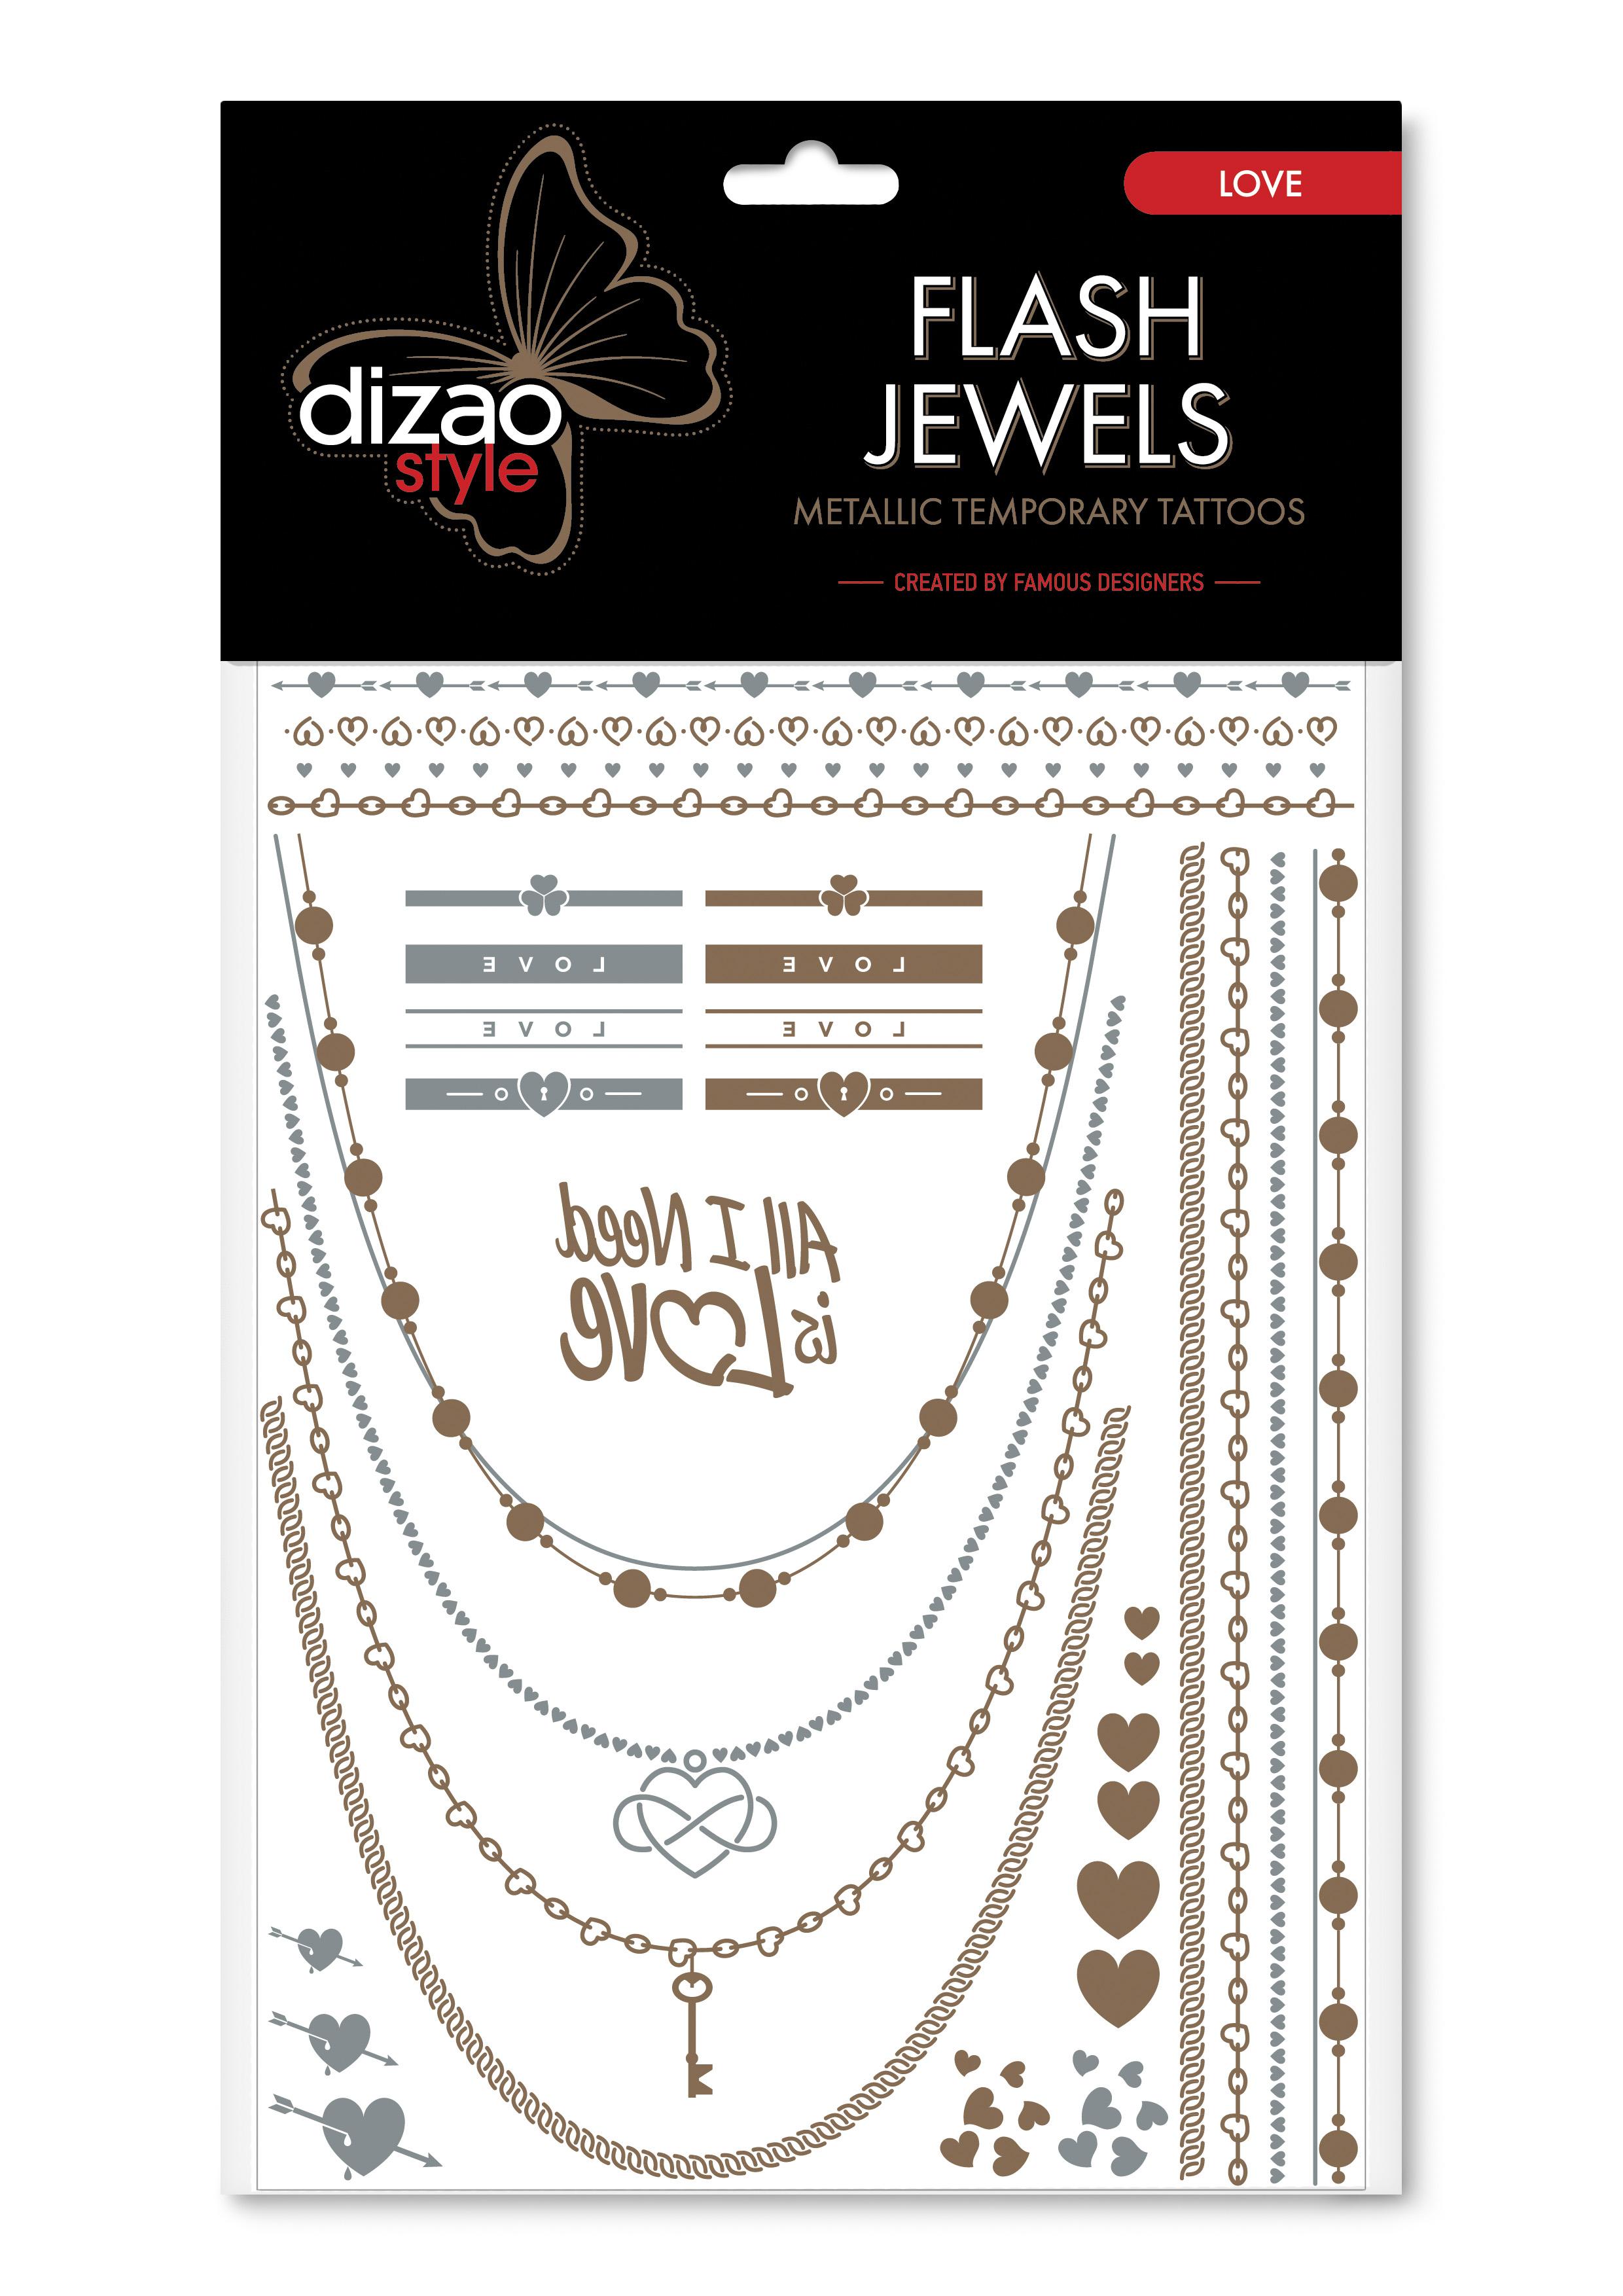 Dizao Временные золотые тату Flash Jewels: Любовь5292452002502Оригинальные золотистые временные татуировки Dizao Flash Jewels: Любовь позволят вам добавить изысканный штрих к вашему образу. В набор входит множество разнообразных дизайнов, которые вы сможете сочетать по своему вкусу. Откройте для себя мир идеальных линий и оригинальных дизайнов, которые заблистают на вашей коже благородным блеском золота и серебра. Позвольте украшениям стать органичной частью вашего тела. Следуйте самым последним тенденциям и всегда оставайтесь на пике моды. Подарите себе роскошь и непревзойденный стиль с тату Dizao. Премиальные золотые временные тату Flash Jewels: - имеют уникальные дизайны -держатся на коже продолжительное время, не теряя привлекательности -легко наносятся и удаляются -не вызывают покраснений и раздражений, не содержат токсичных компонентов Применять временные тату невероятно легко: вырежьте понравившуюся аппликацию, наложите ее рисунком вниз на сухую чистую кожу, прижмите к аппликации мокрую губку или...